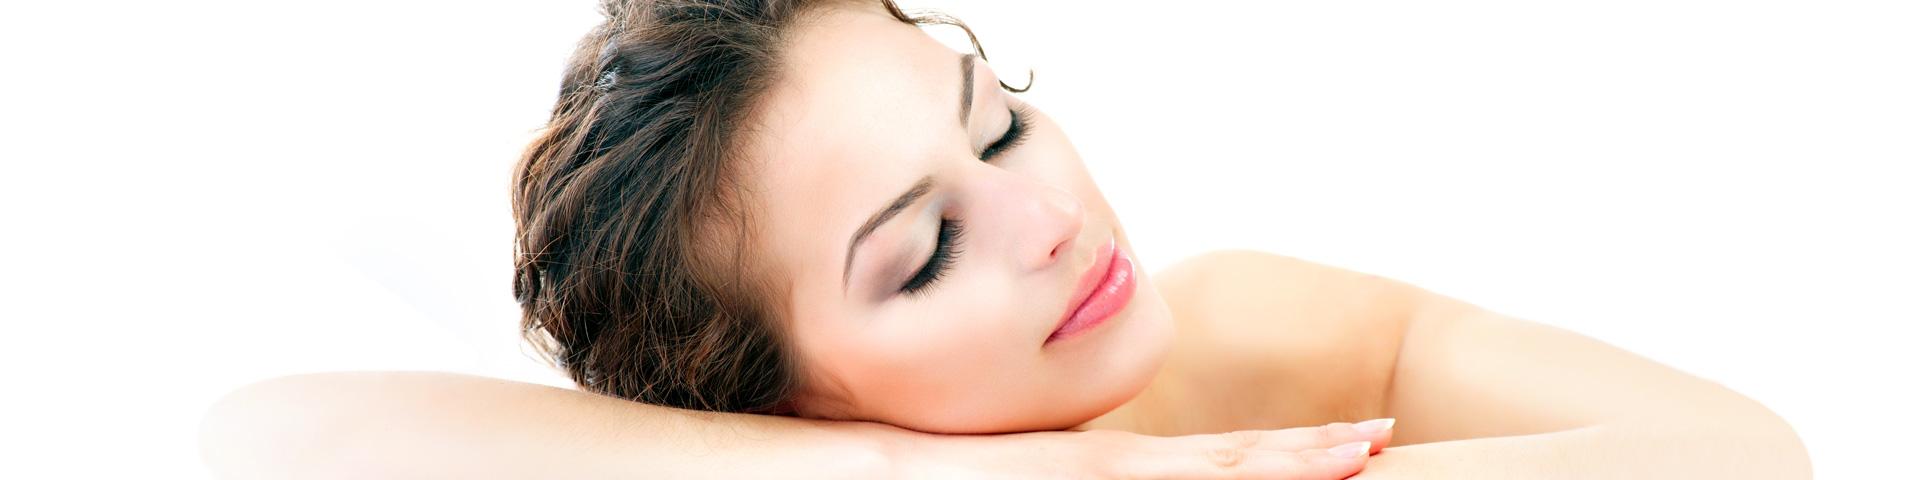 Gesichtsreinigung und Peeling. Junge Frau mit dunklen Haaren liegt mit geschlossenen Augen auf Ihren Arm